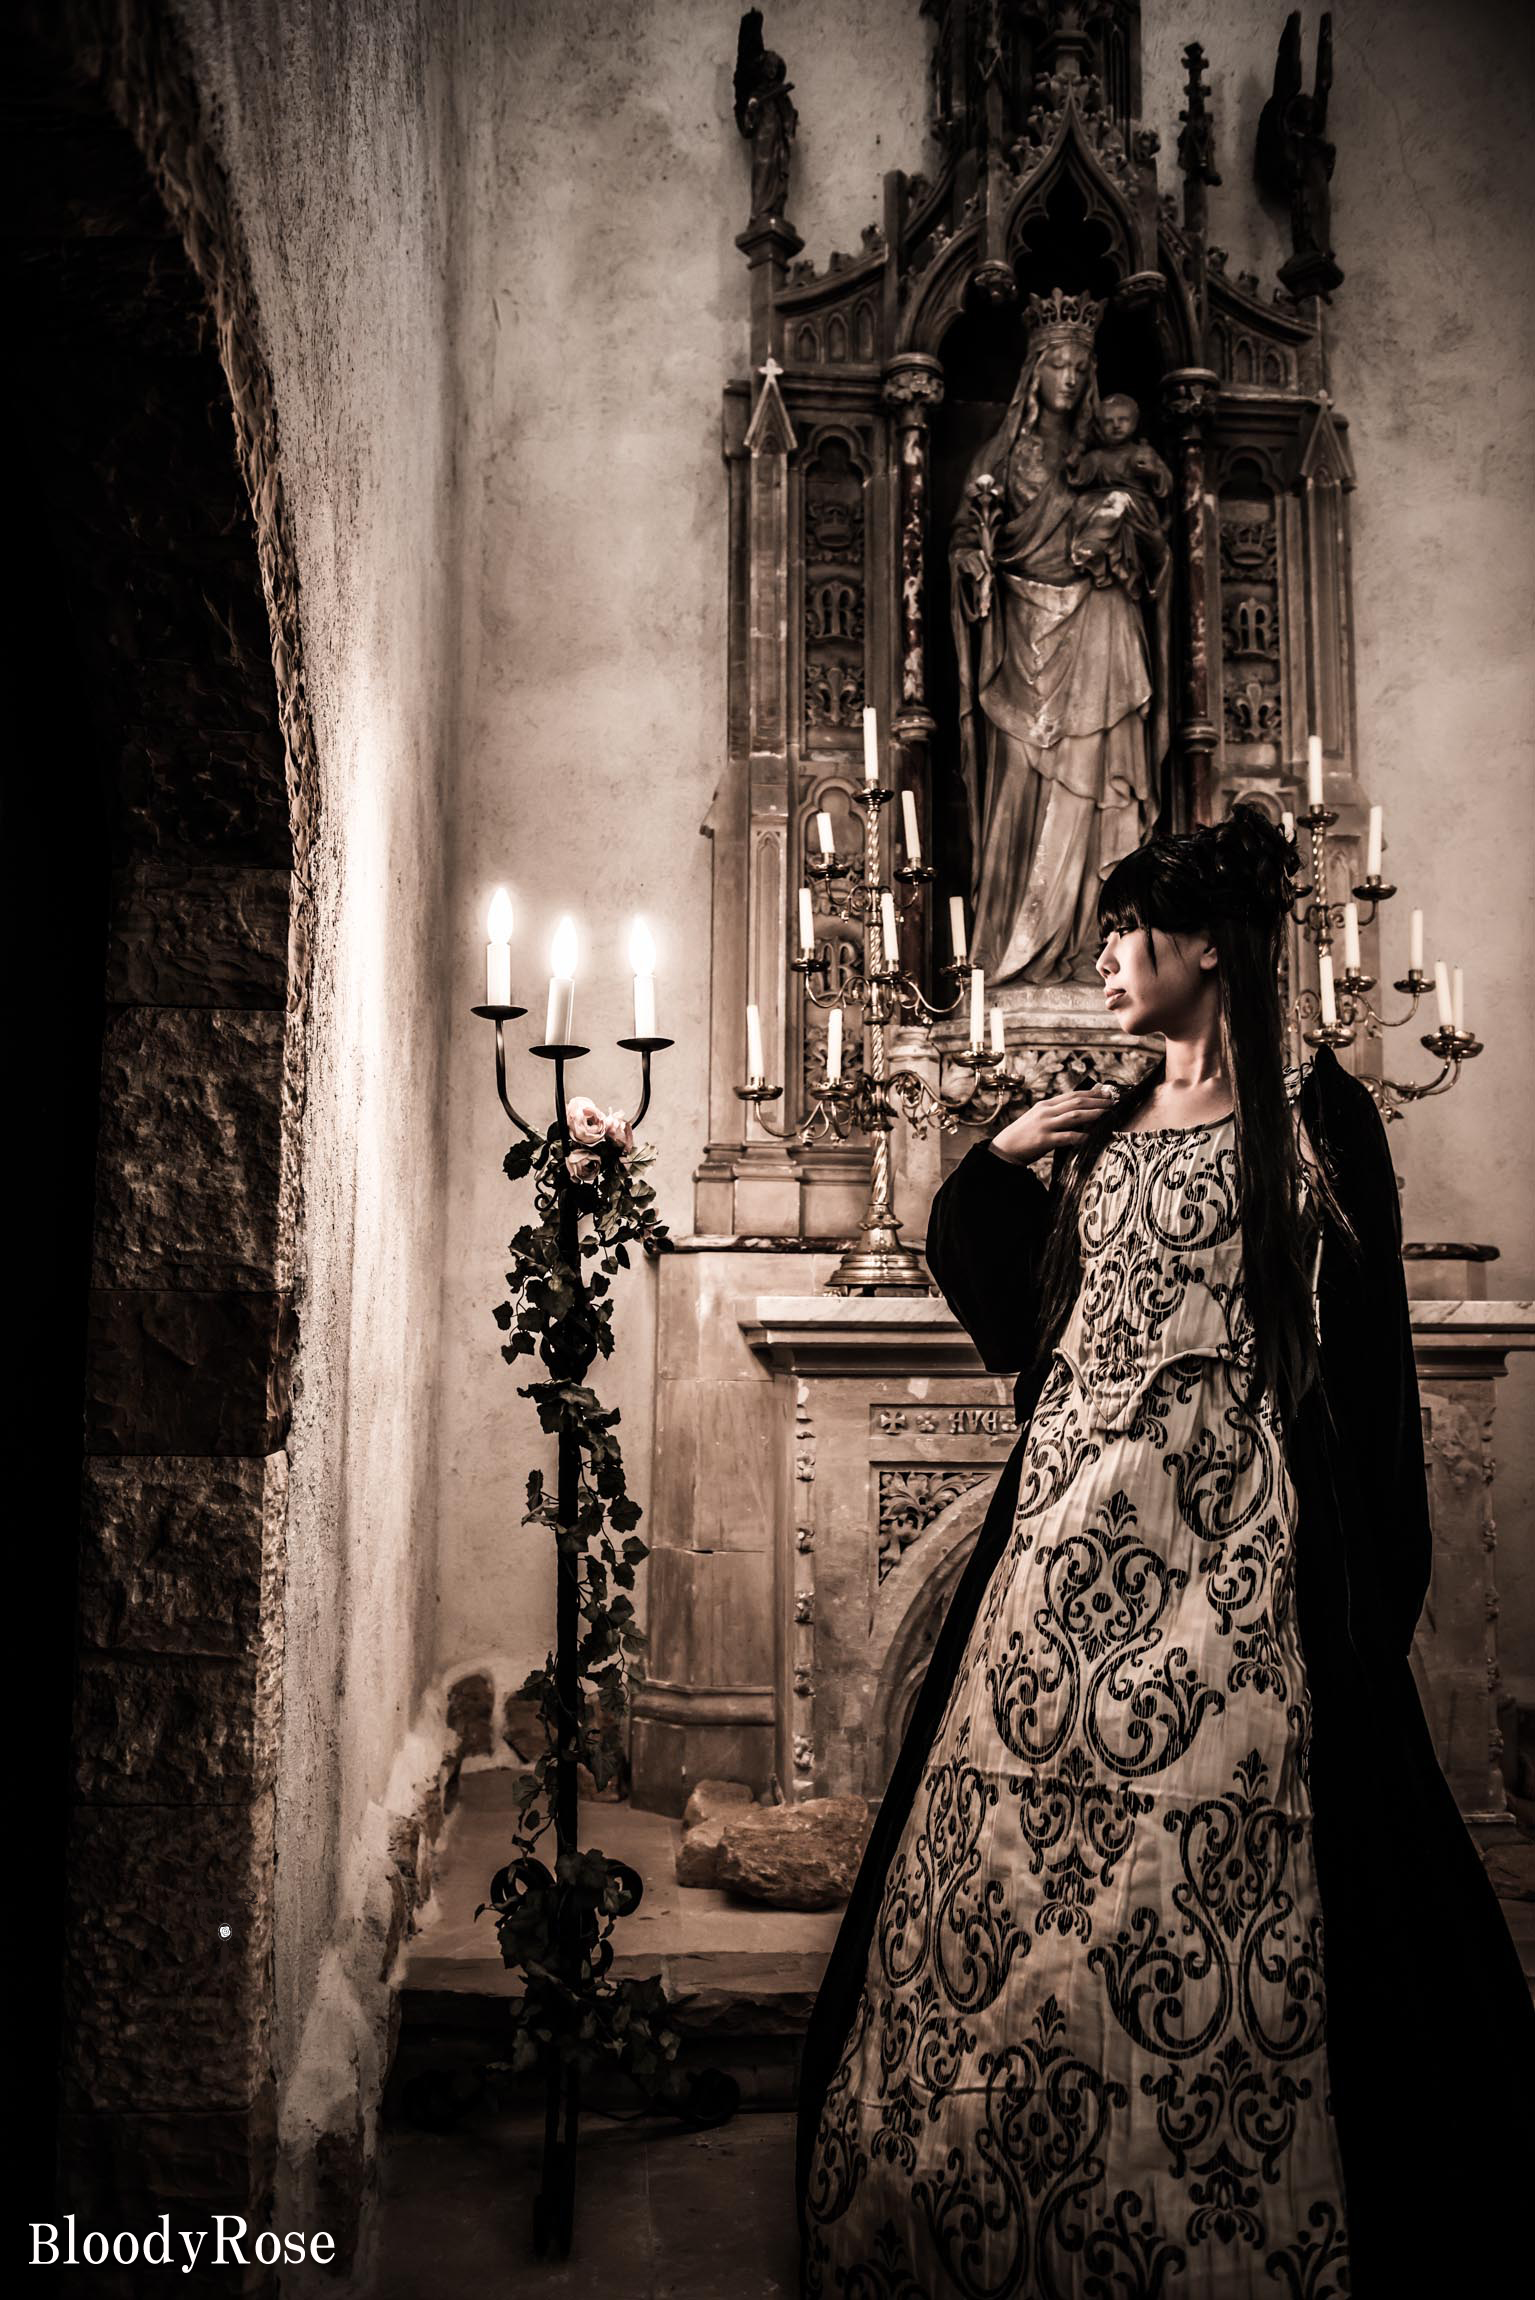 ゴシックドレス 中世貴族ドレス Regal Renaissance Dress